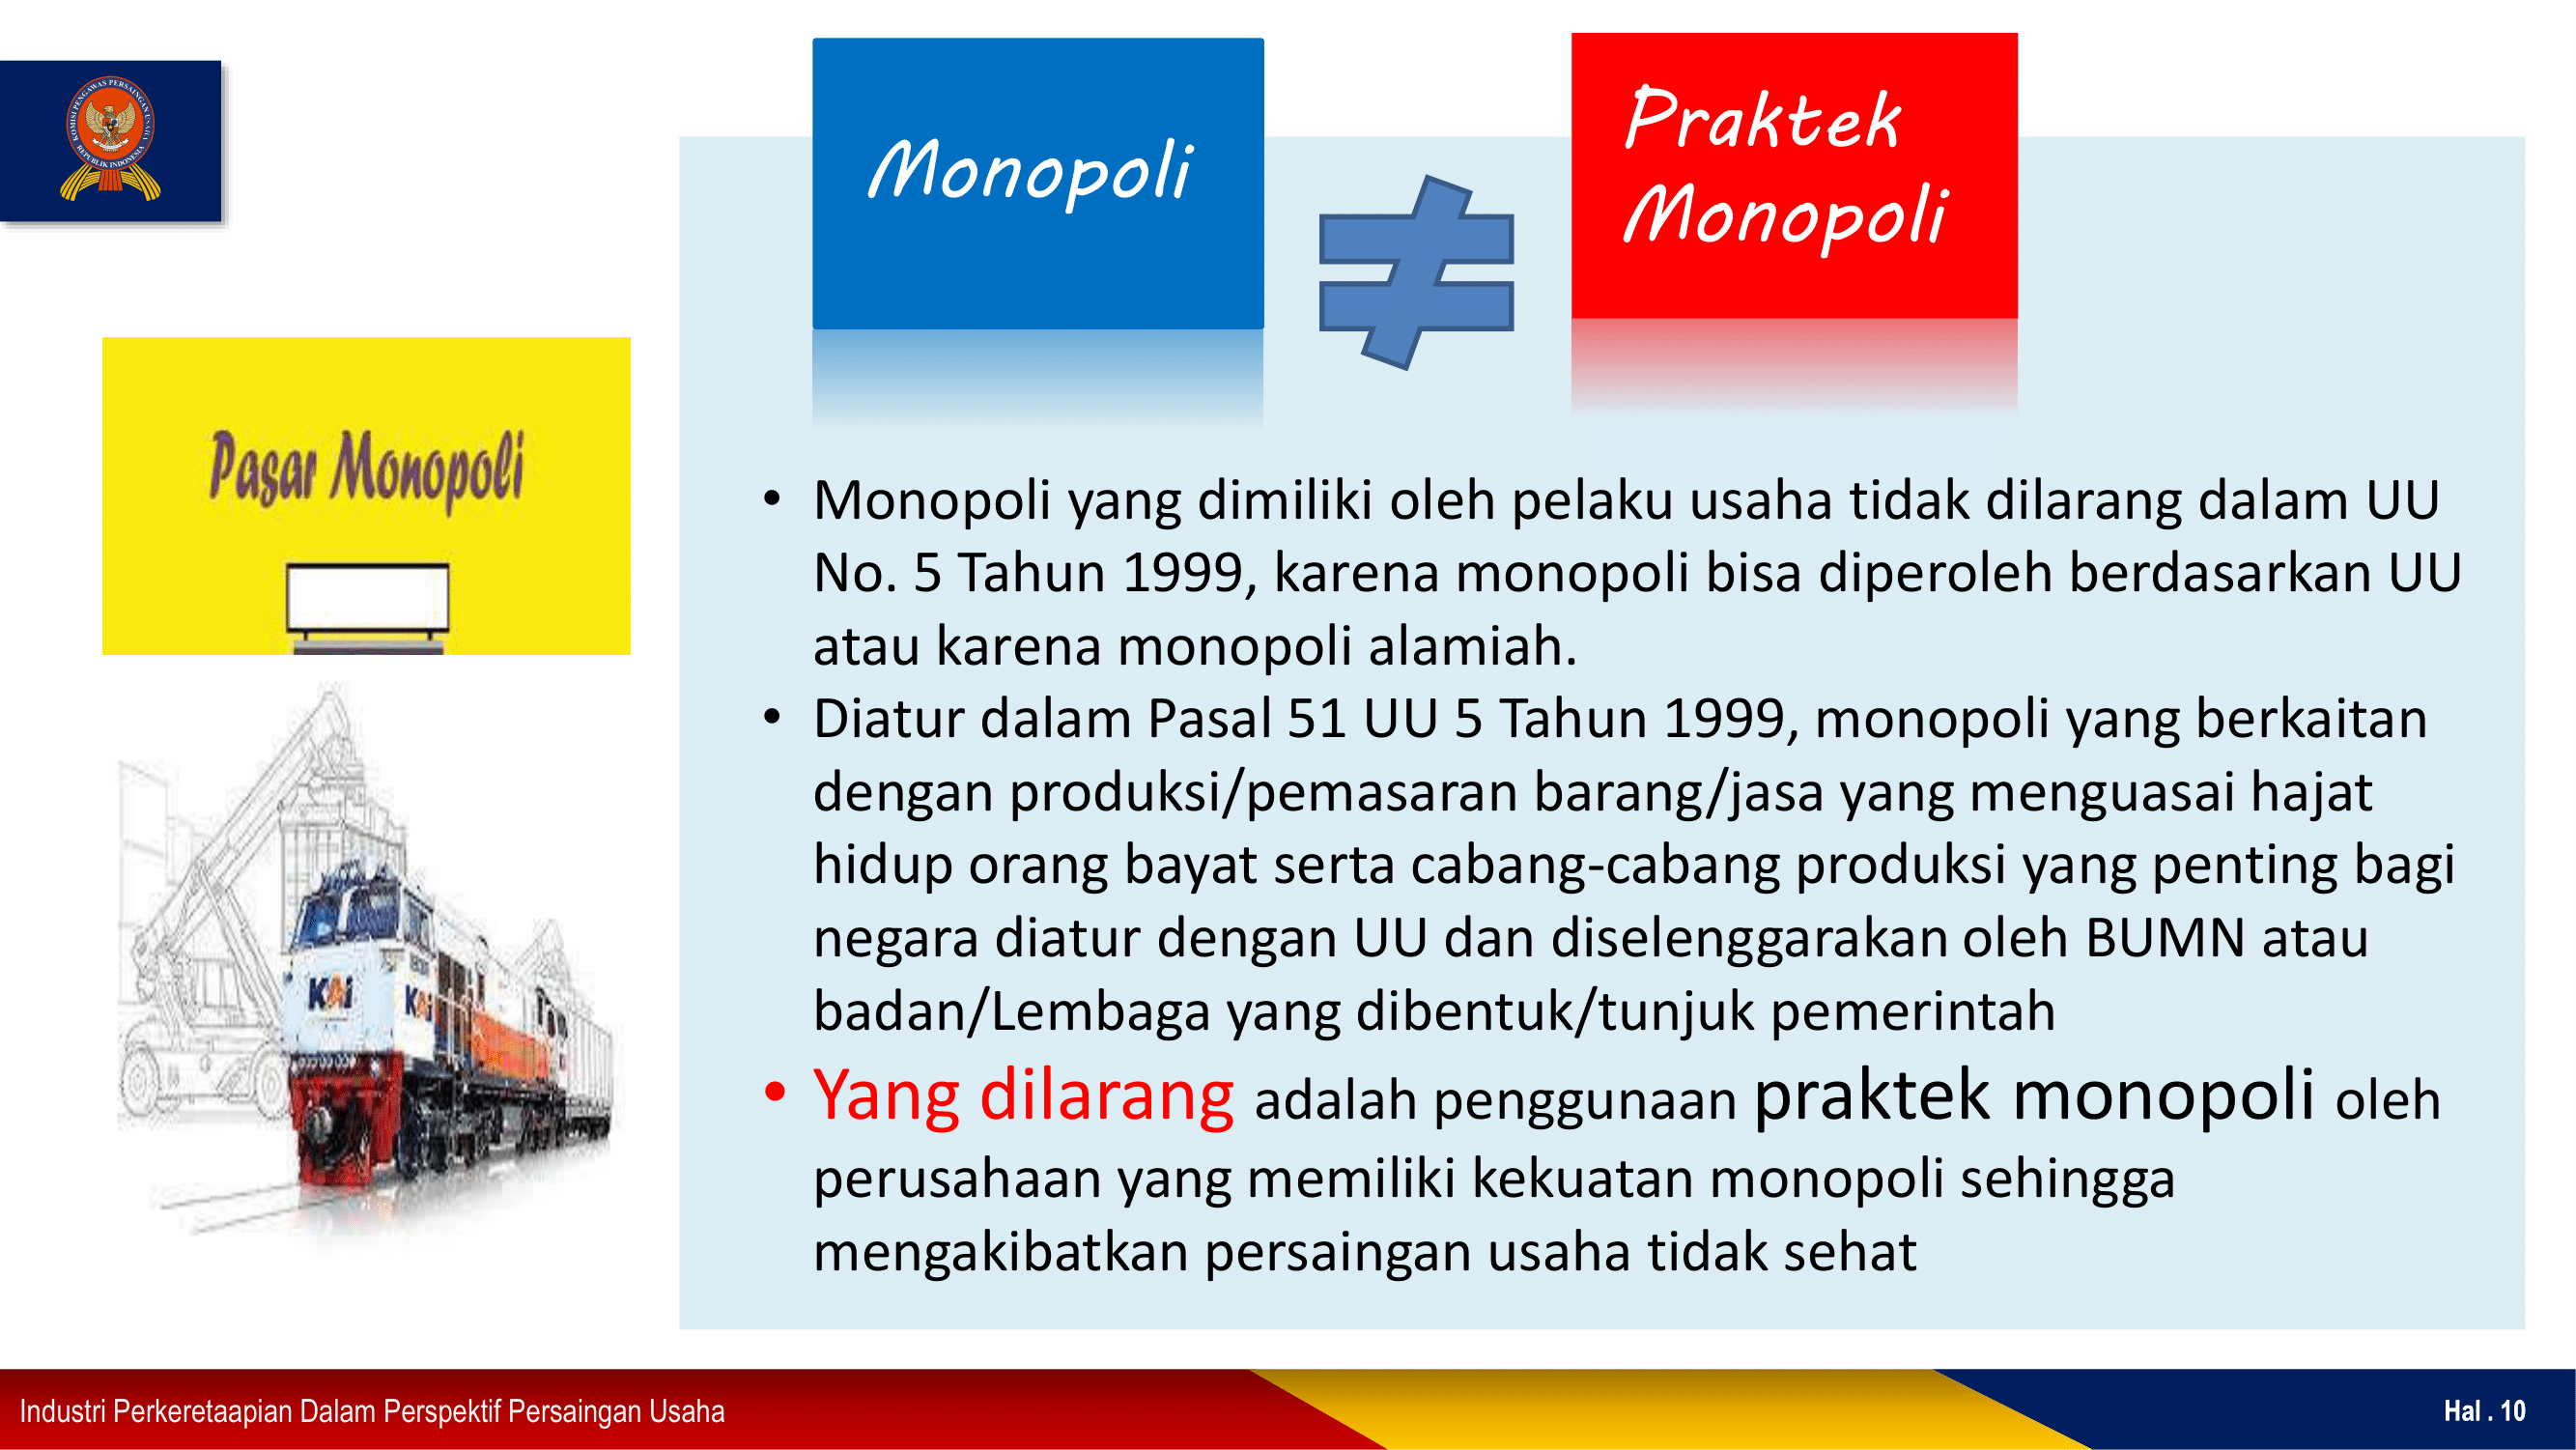 praktik monopoli dan monopoli